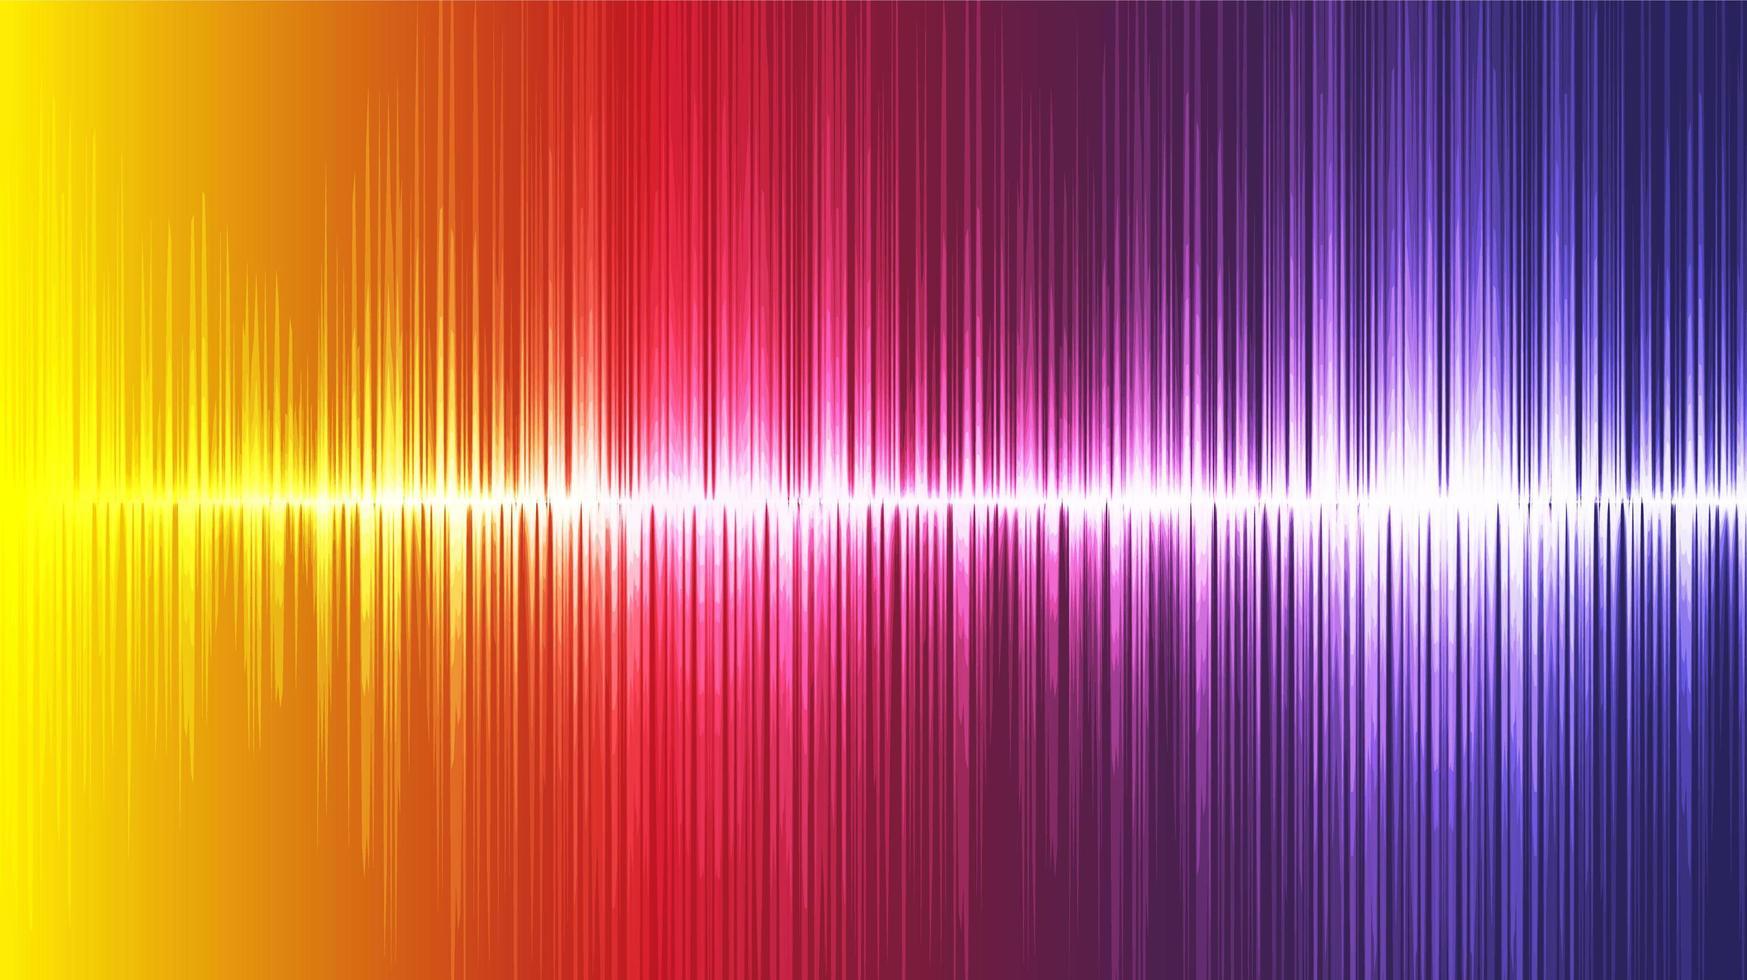 Colorido fondo de onda de sonido ultrasónico, tecnología y concepto de diagrama de onda de terremoto vector